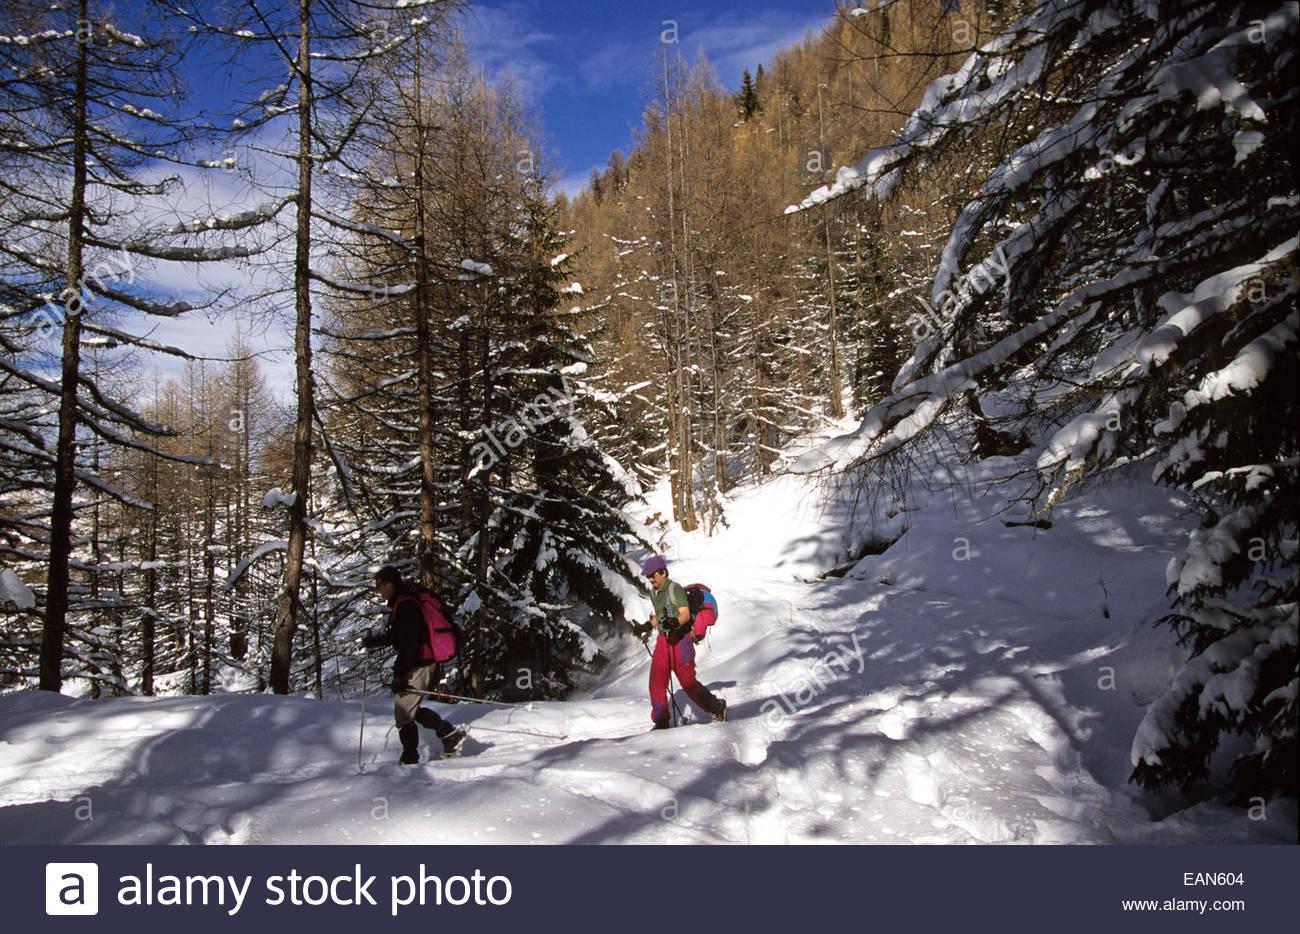 La raquette en couple paysage Haute-Tarentaise. Savoie, France. Photo Stock